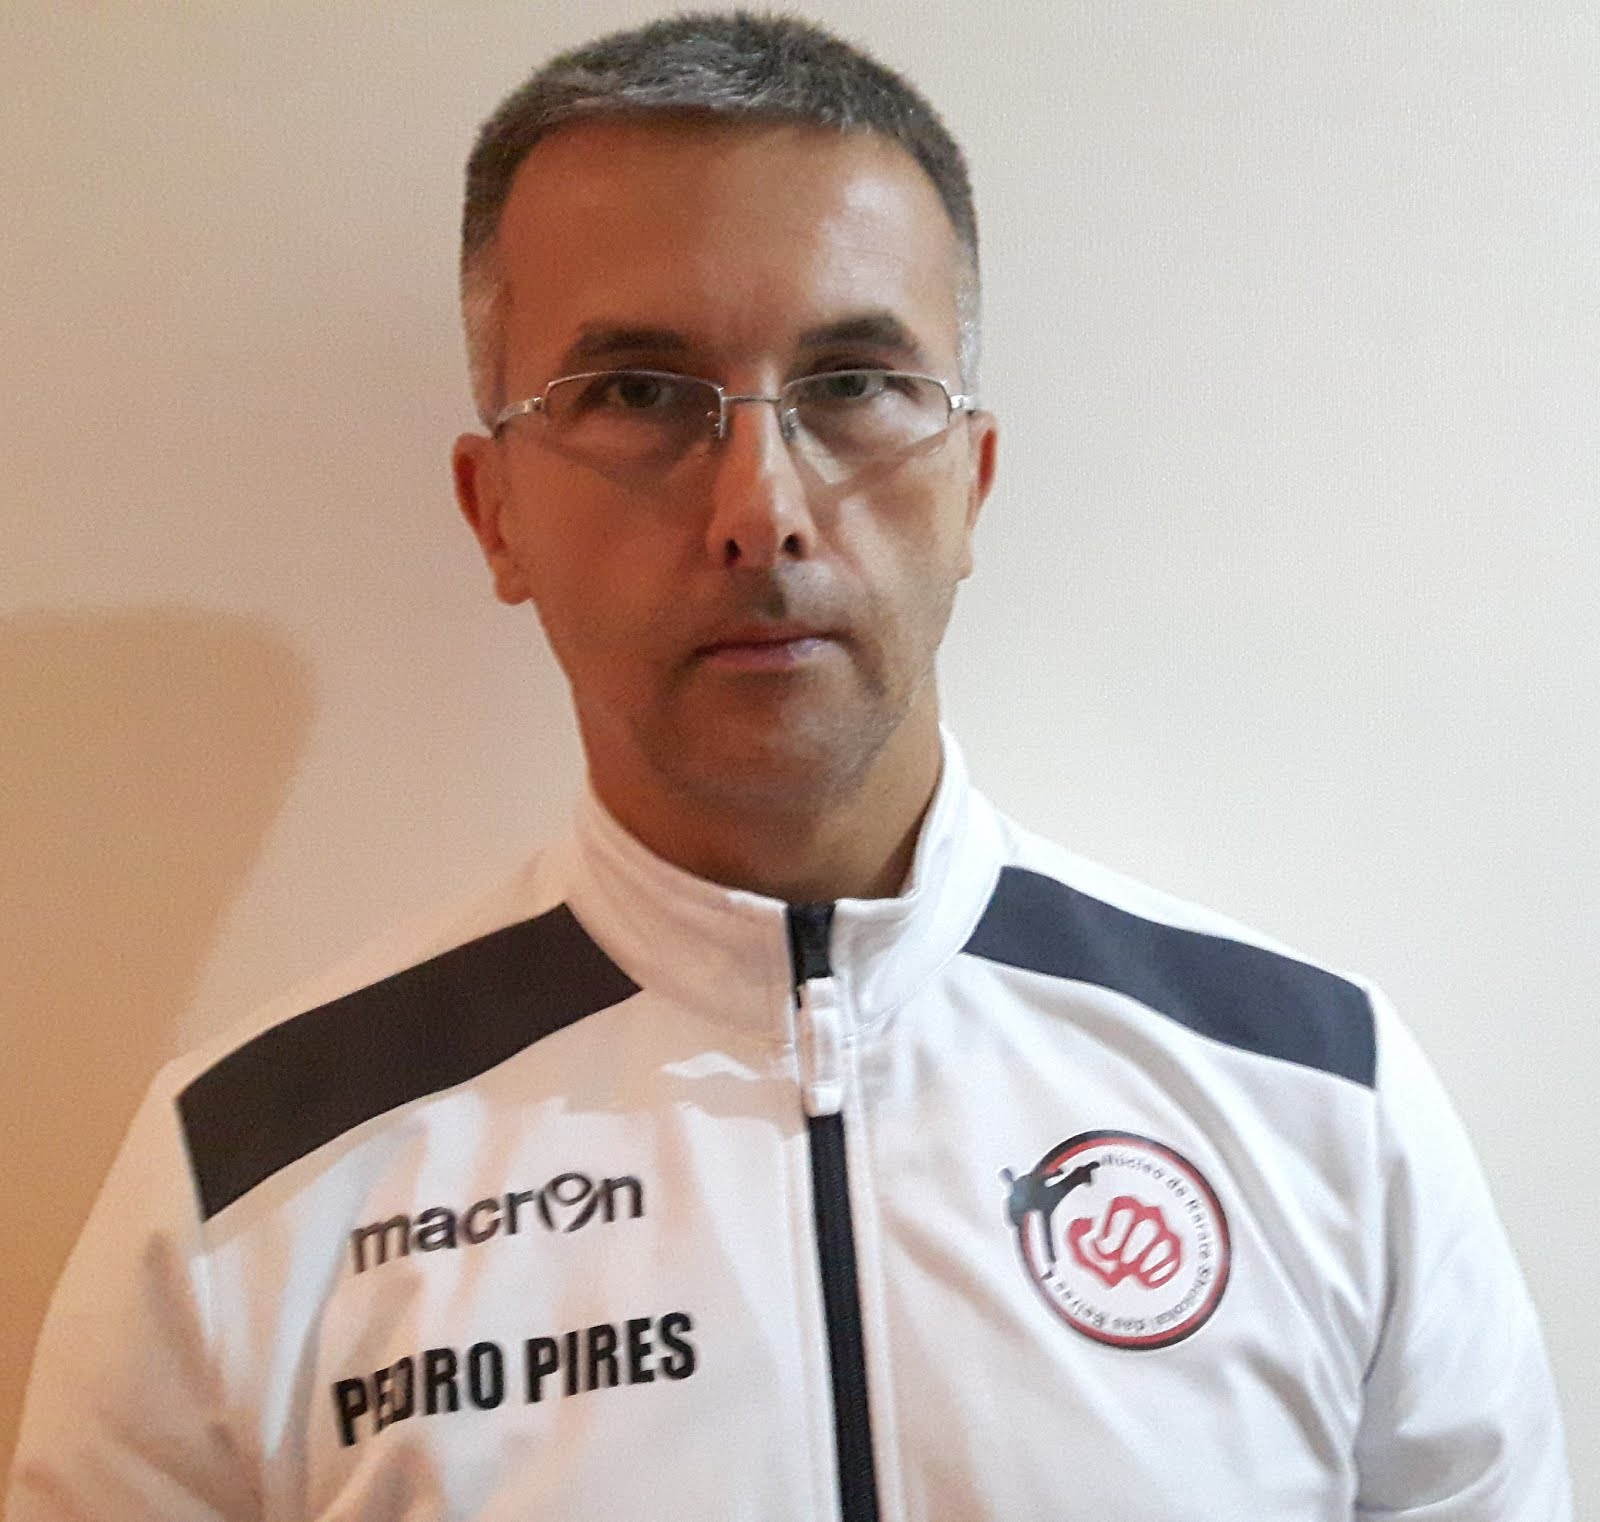 Sensei Pedro Pires